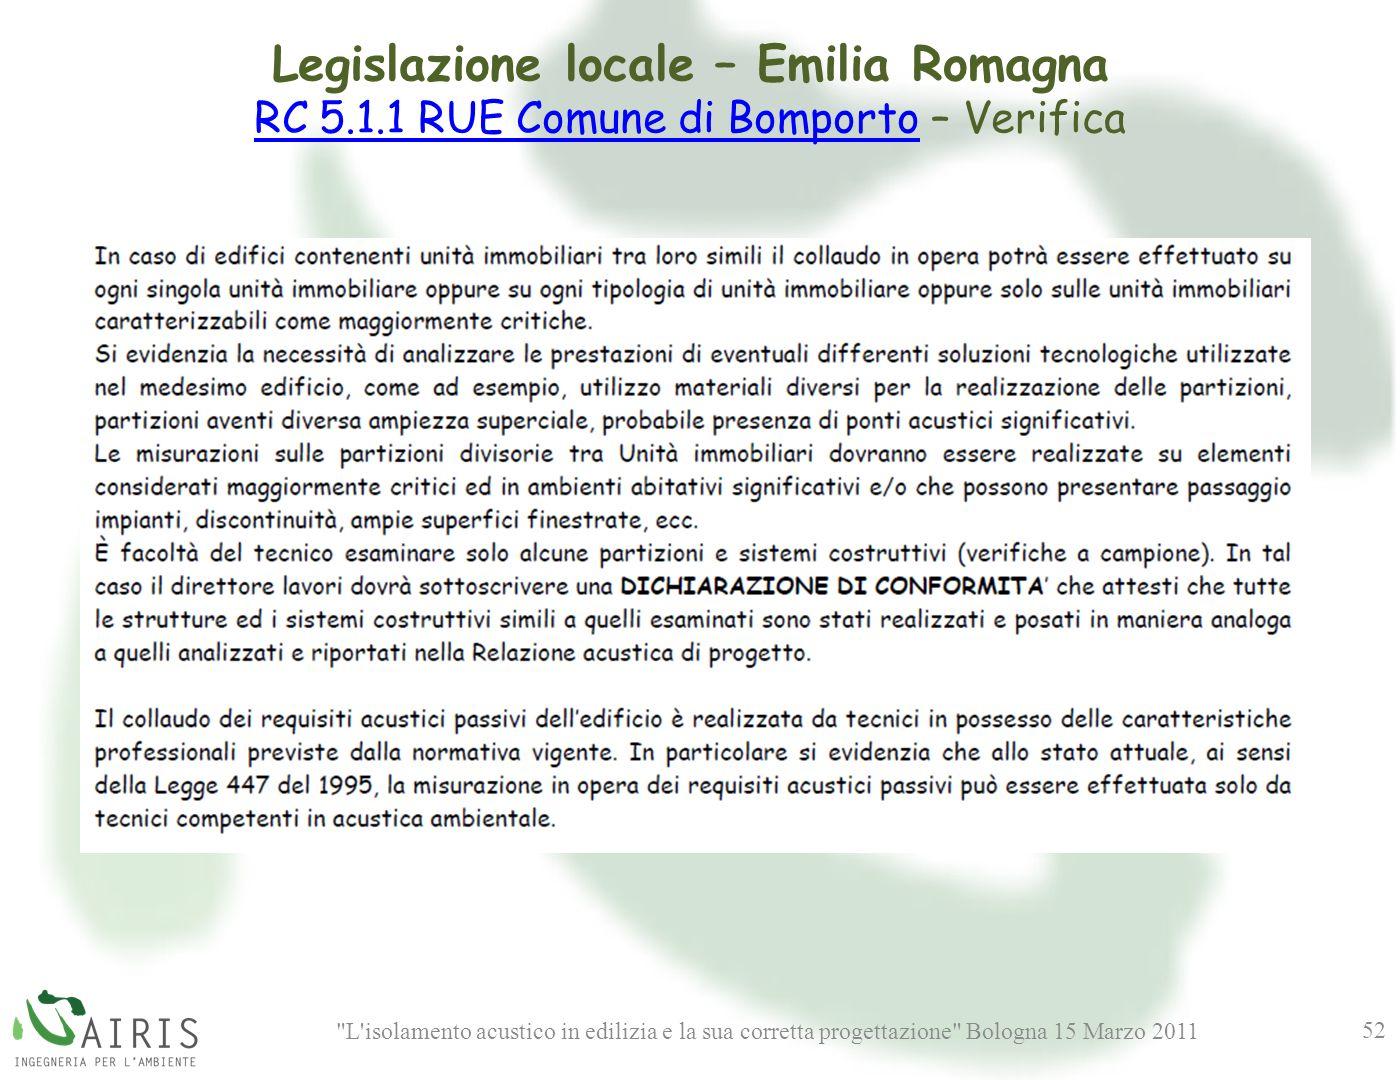 L isolamento acustico in edilizia e la sua corretta progettazione Bologna 15 Marzo 2011 52 Legislazione locale – Emilia Romagna RC 5.1.1 RUE Comune di BomportoRC 5.1.1 RUE Comune di Bomporto – Verifica